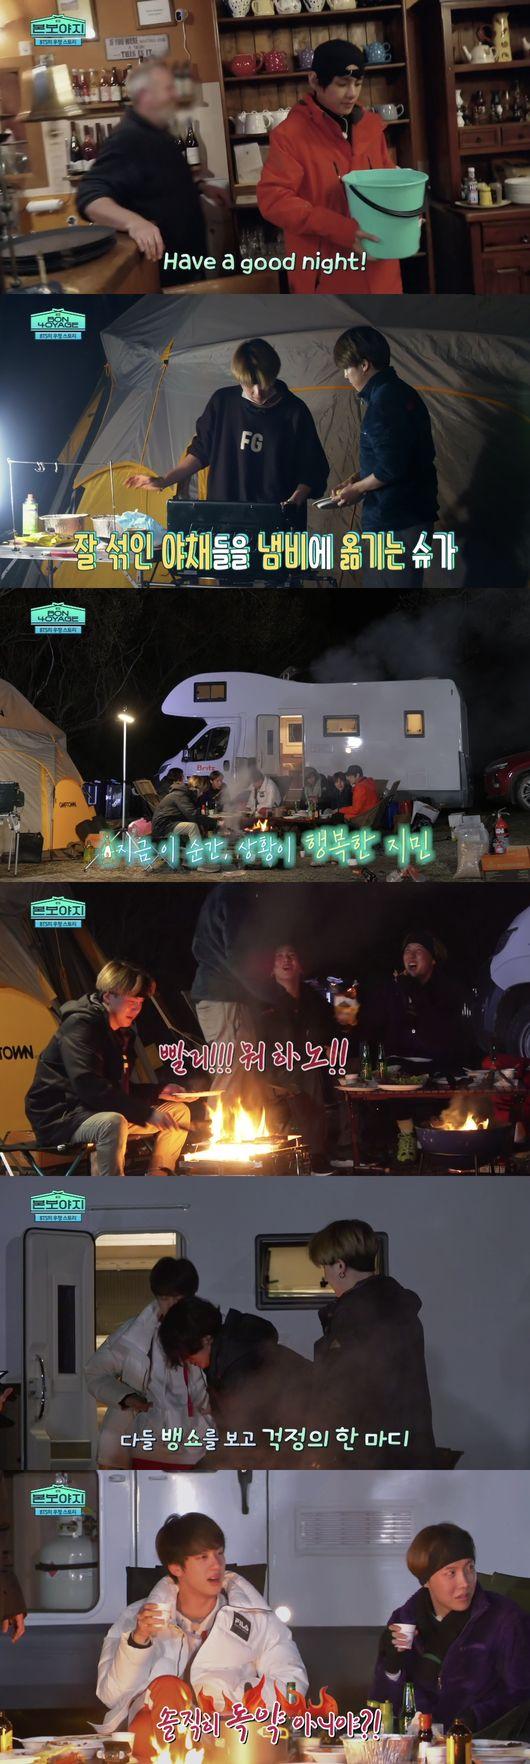 '본보야지4' 방탄소년단, 뉴질랜드 대자연 체험→7인7색 자유시간 (ft.ARMY♥) [종합]